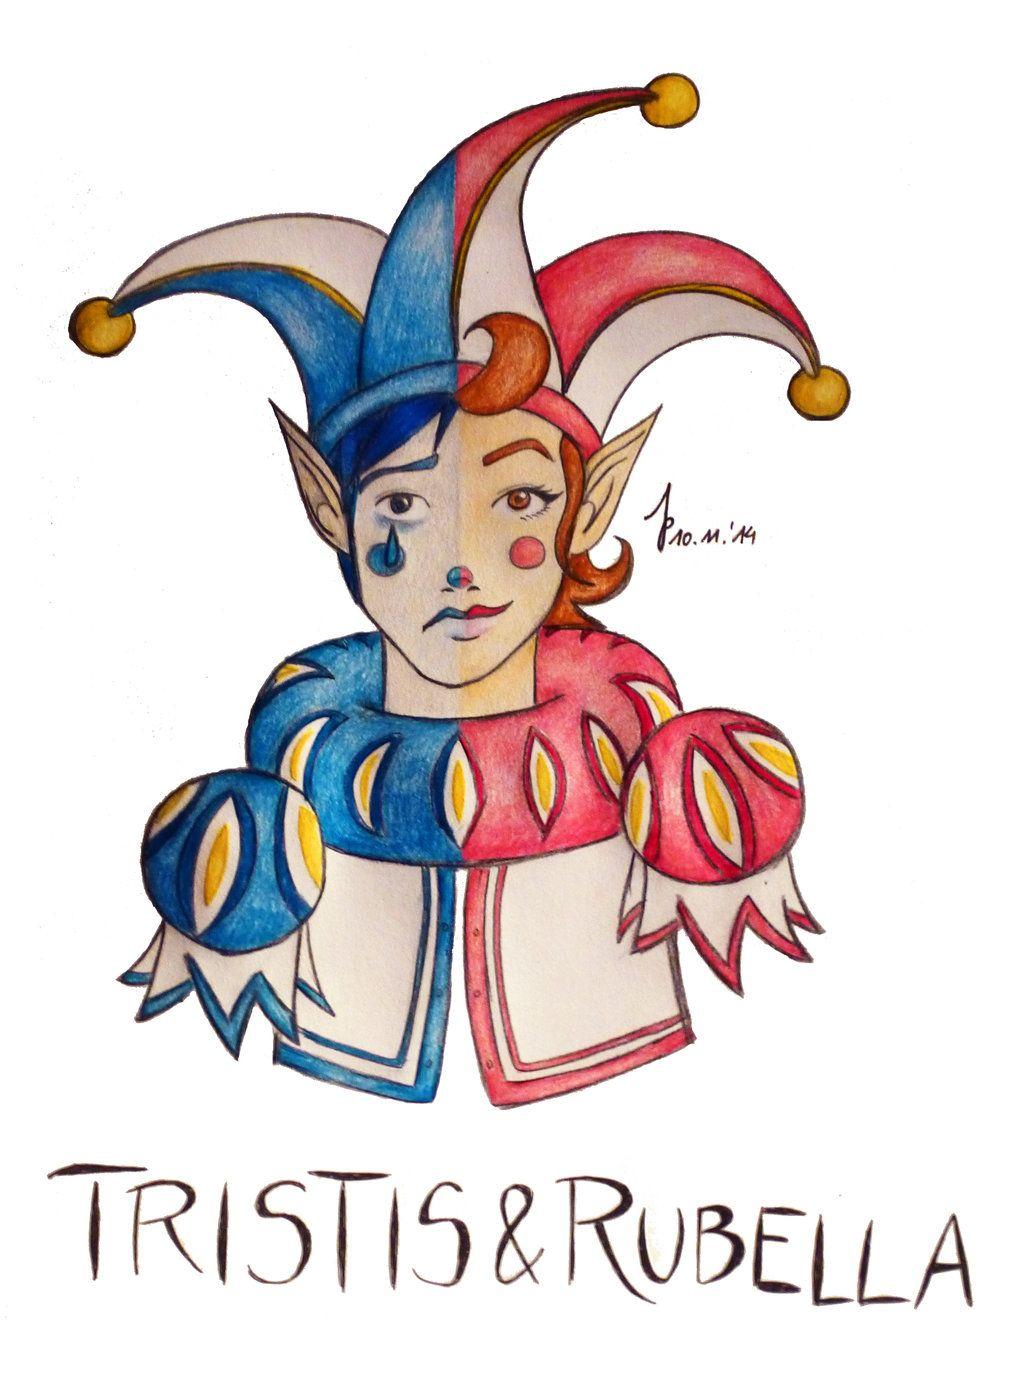 Tristis and Rubella